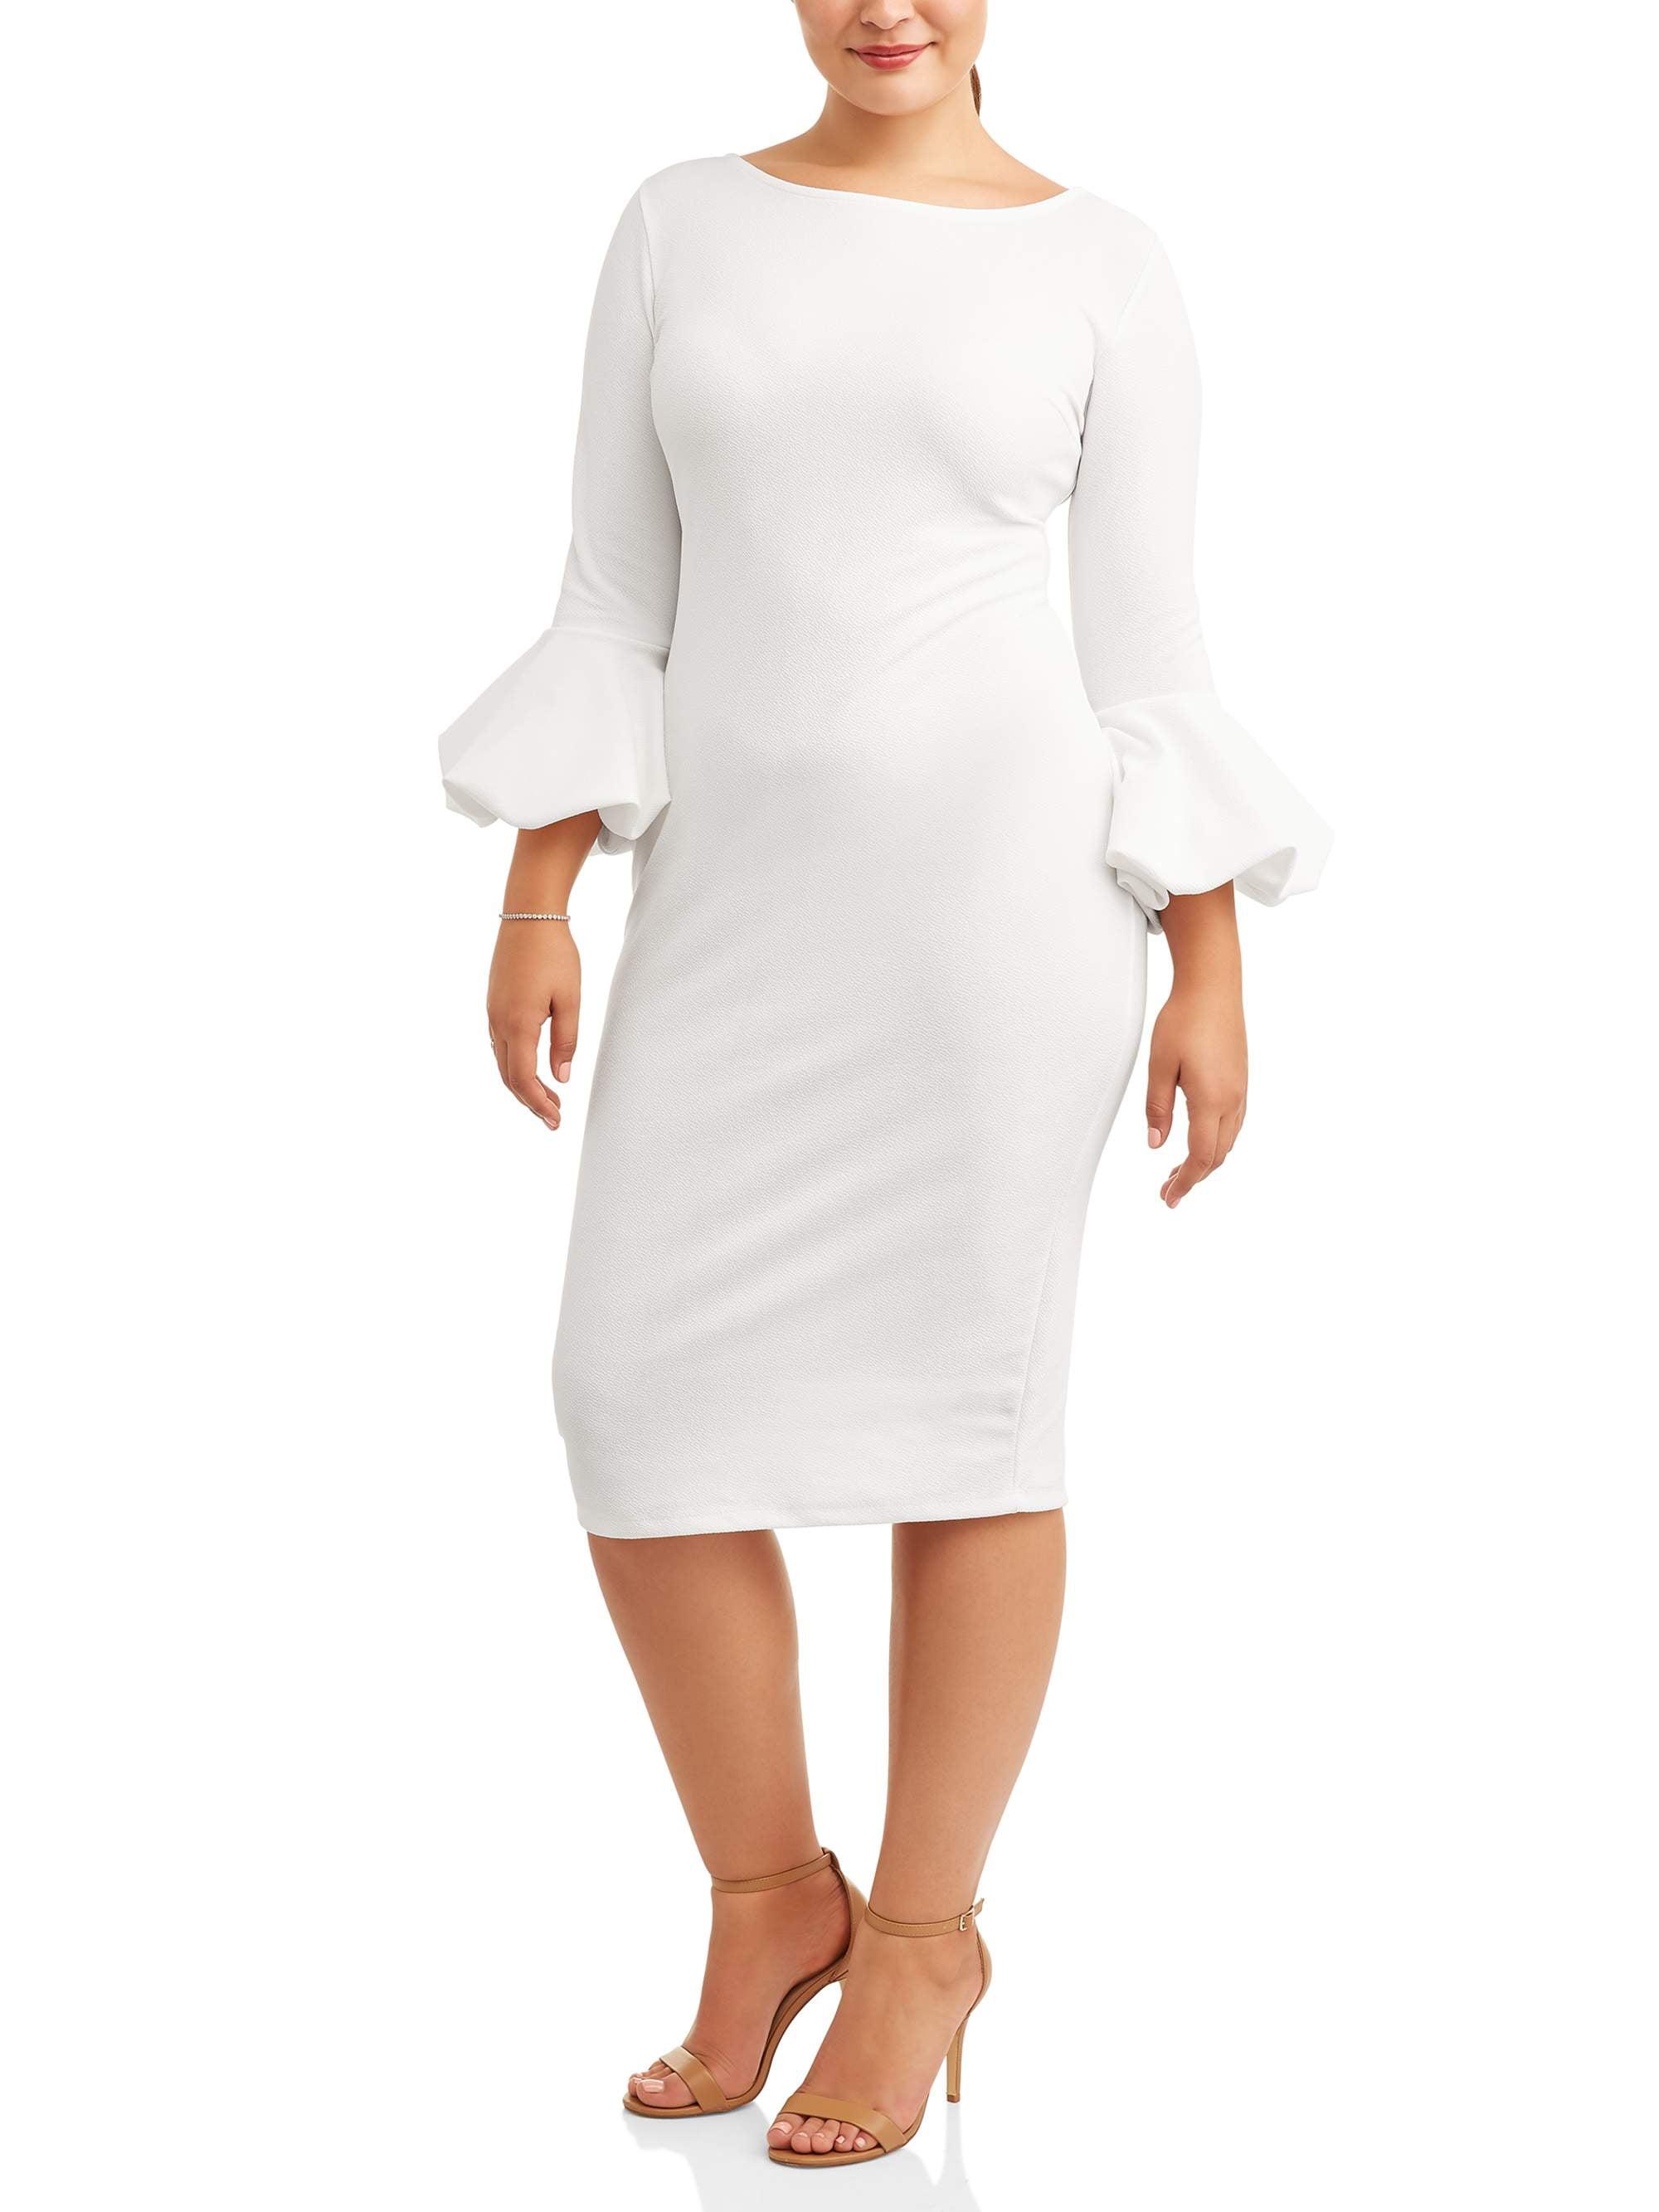 Women's Plus Size Bubble Sleeve Dress